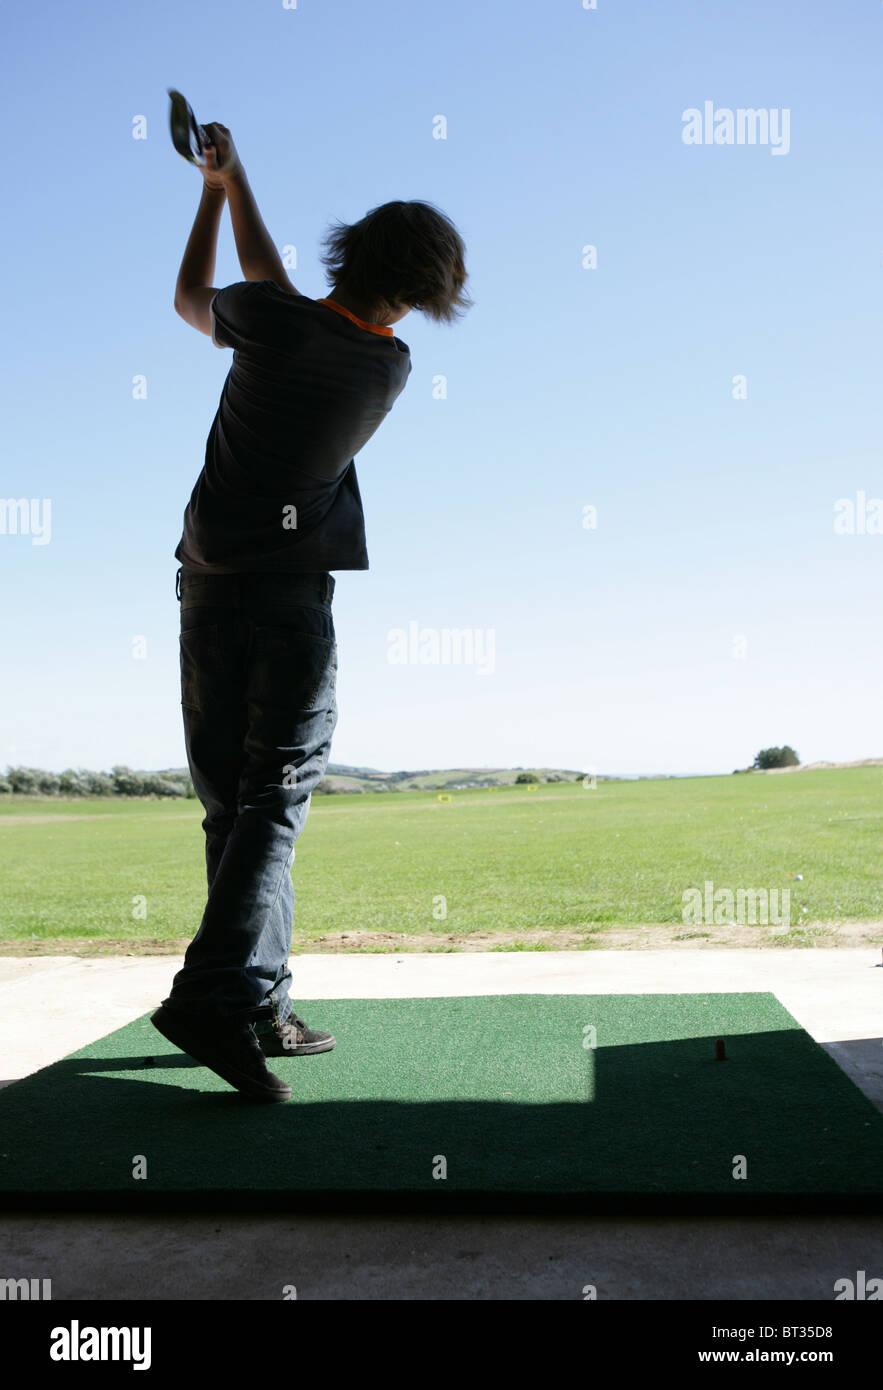 Teenage boy at driving range - Stock Image